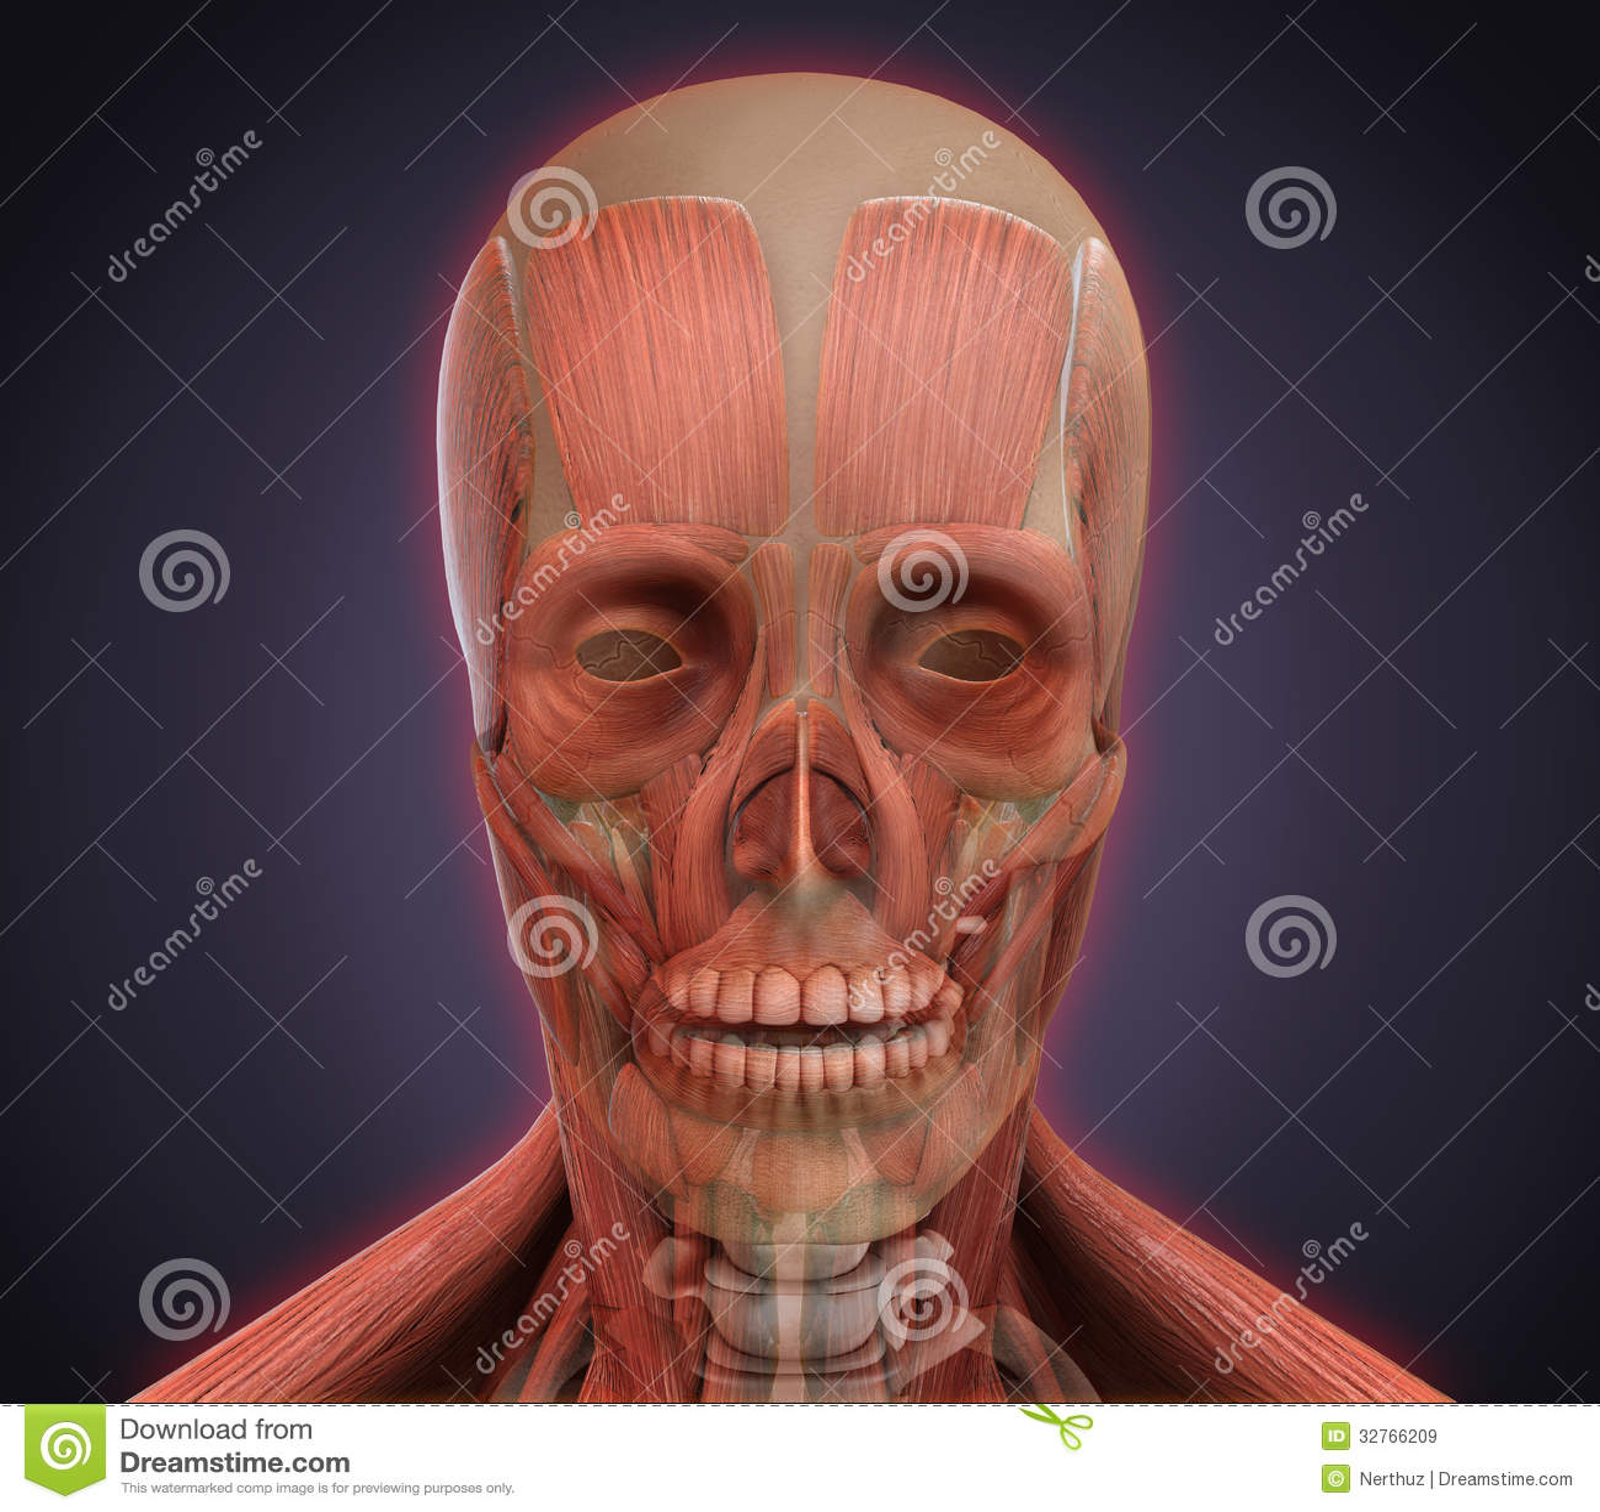 Menschliches Gesichts-Anatomie Stock Abbildung - Illustration von ...